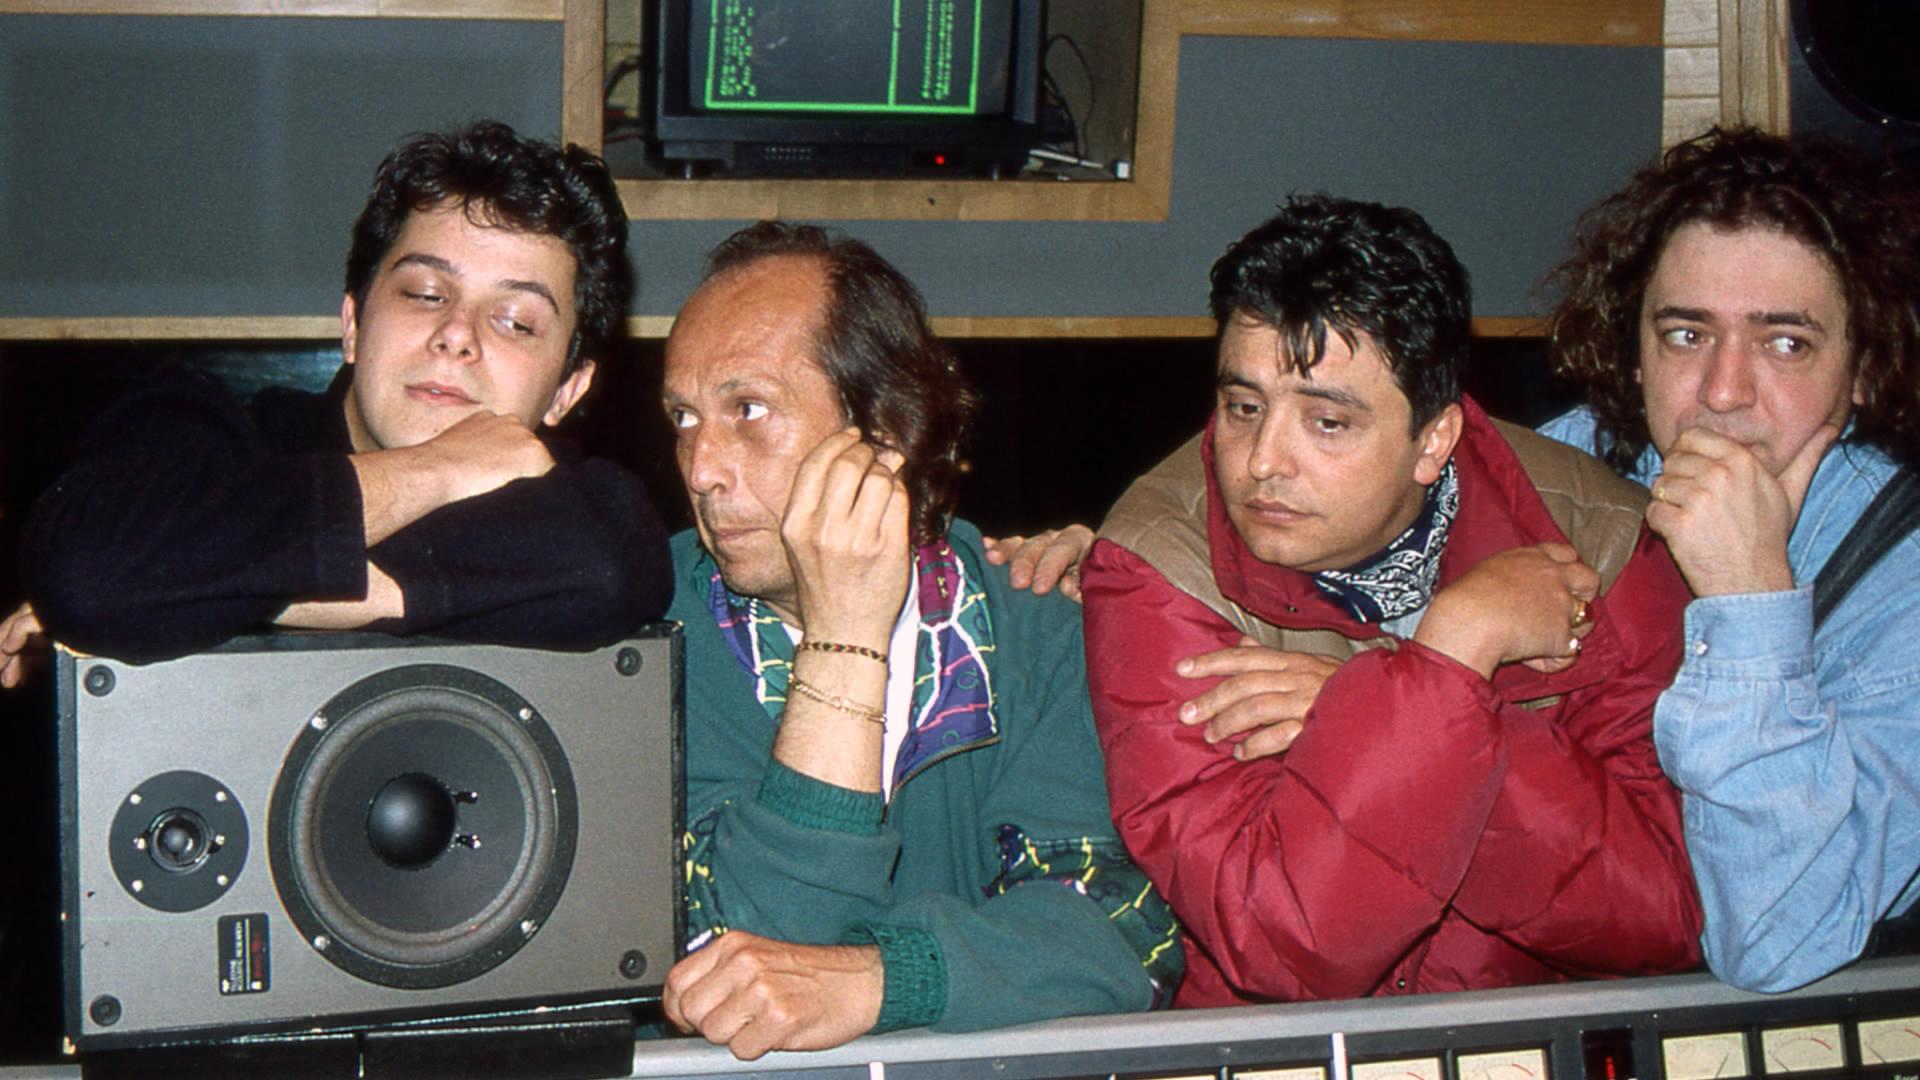 AlejandroSANZLAPELICULA_16_JPG.jpg